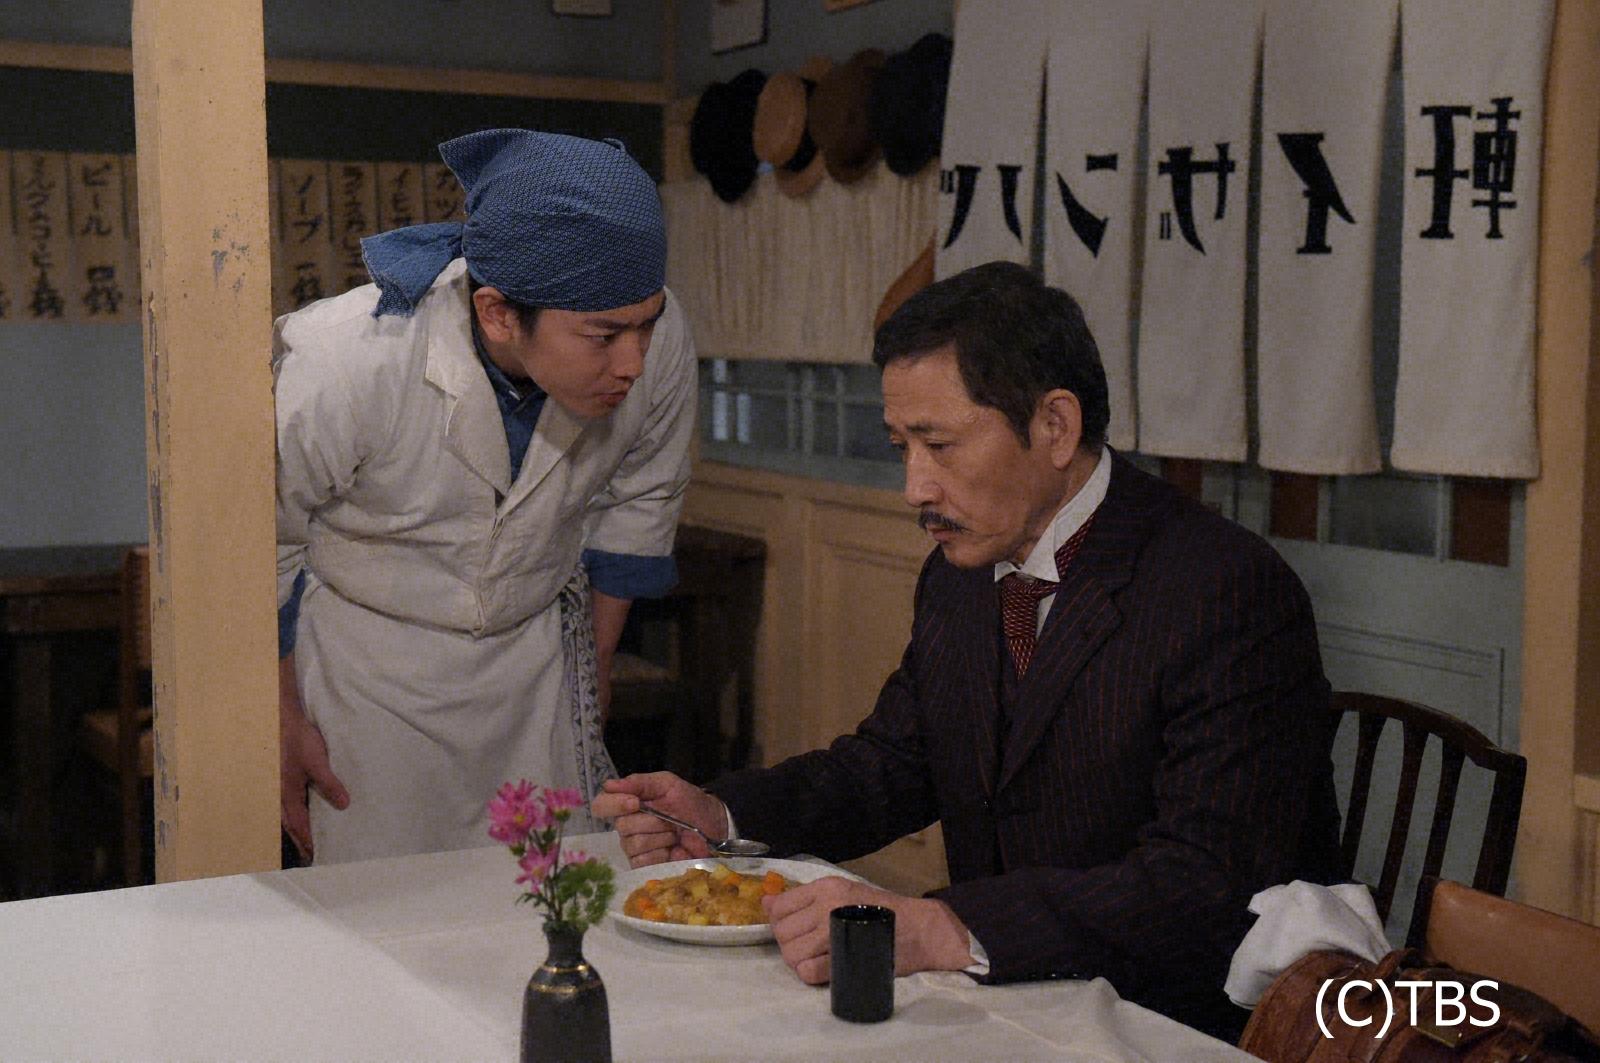 天皇の料理番(ドラマ)の動画を1話~最終回まで無 …